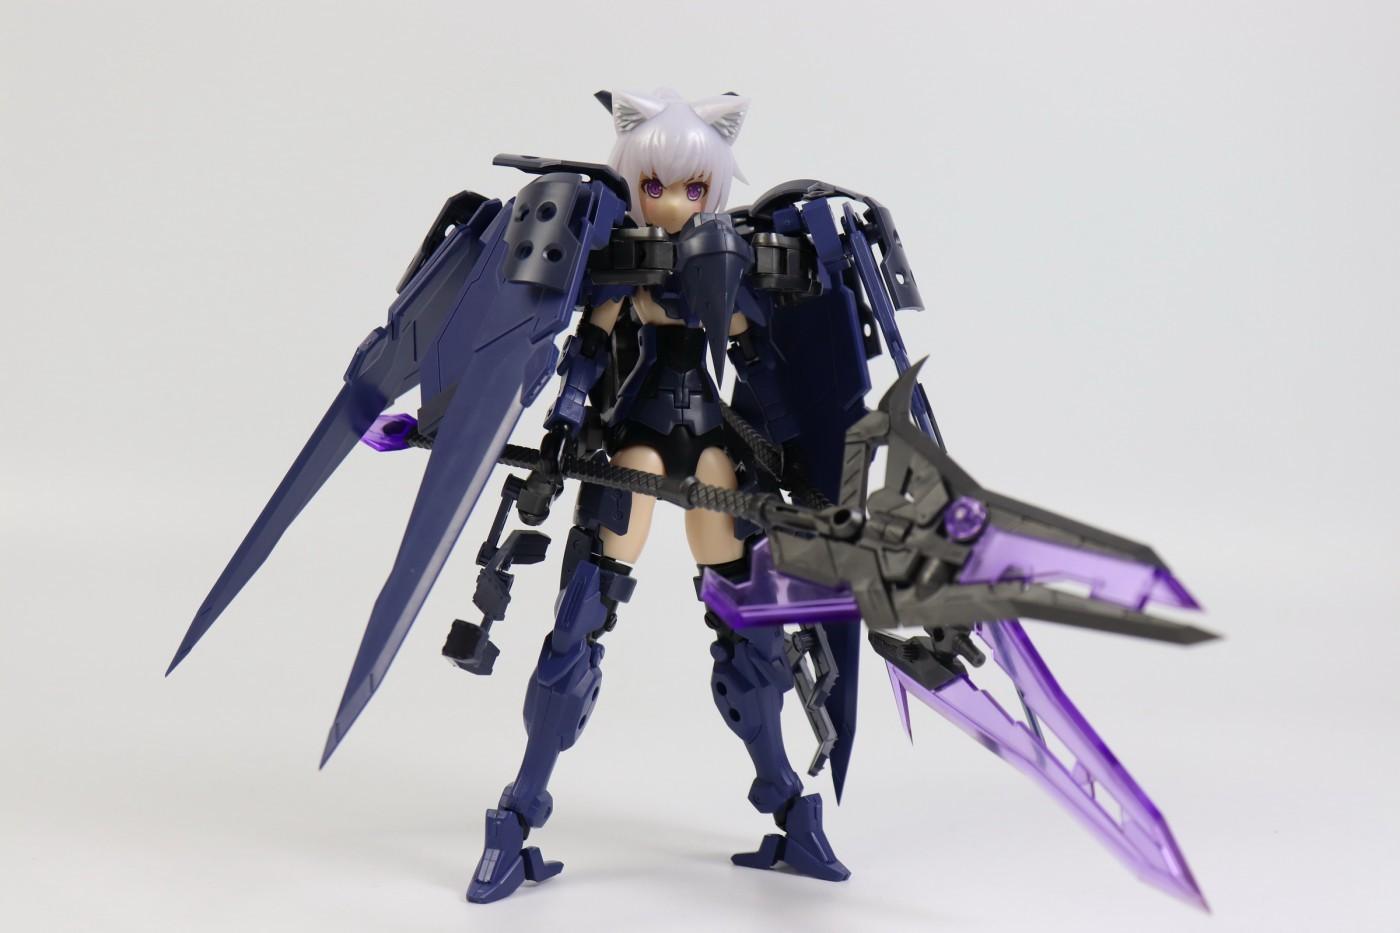 S273_Pretty_Armor_inask_074.jpg